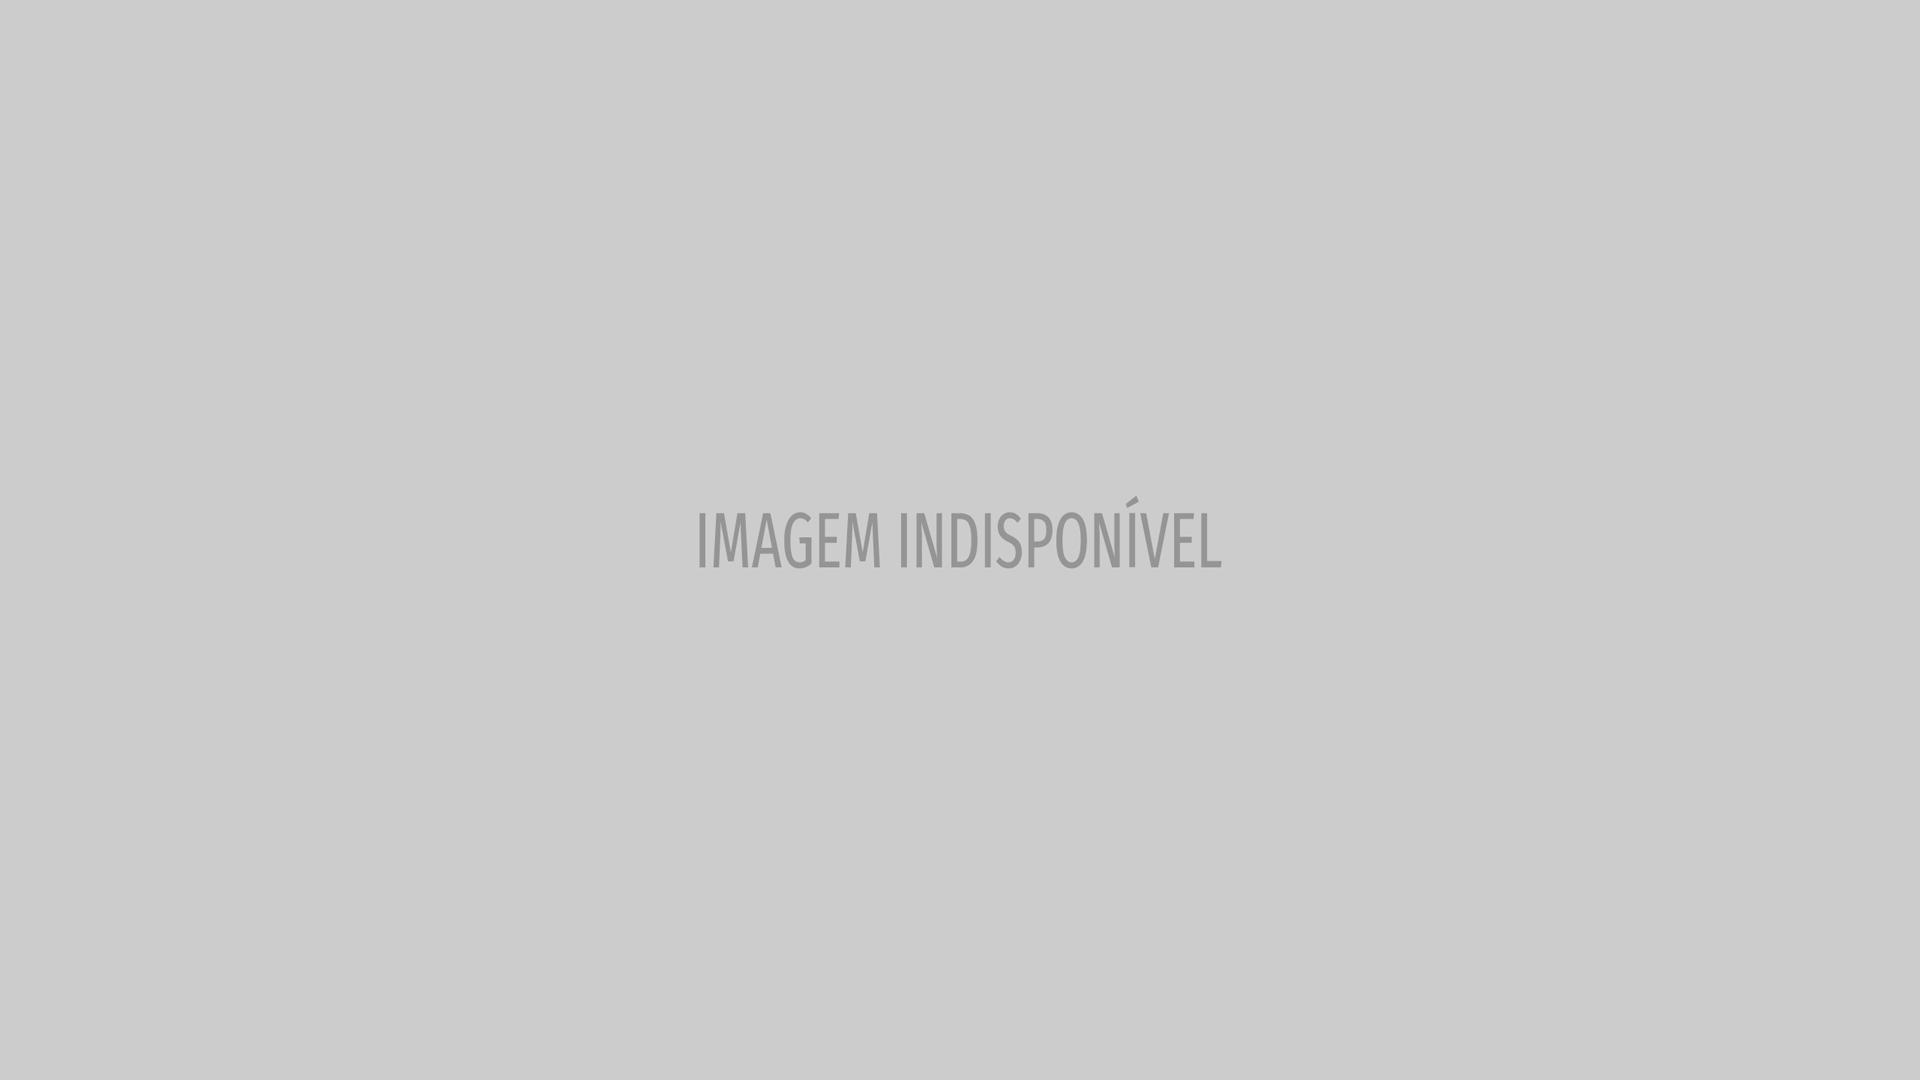 O ténis é um desporto maravilhoso, não acha?